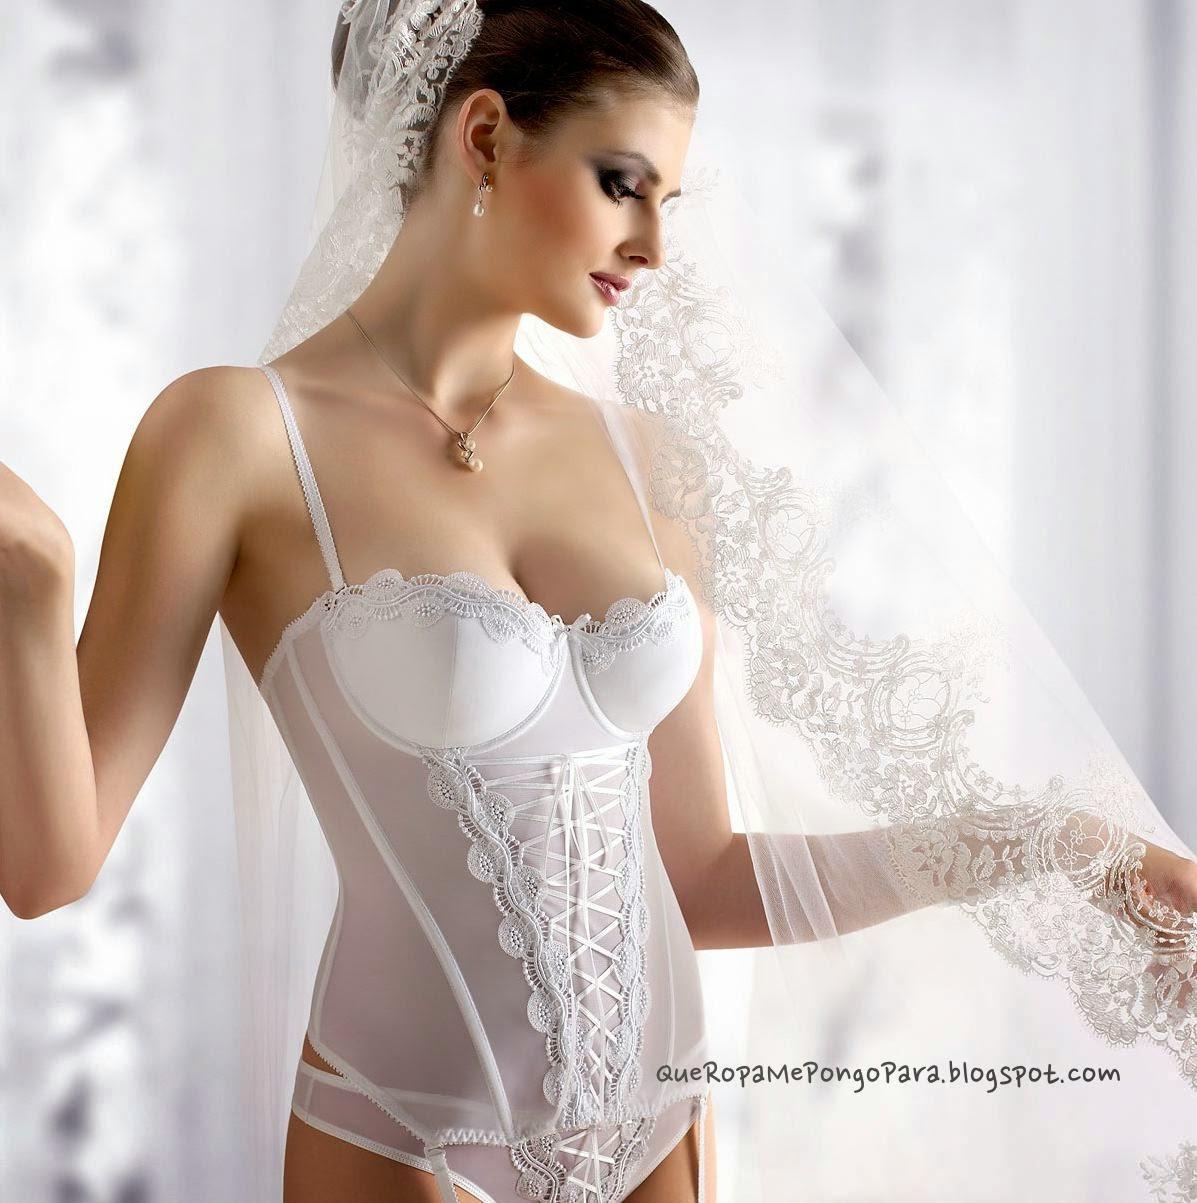 imagenes de ropa interior para mujer Alibaba - imagenes de ropa interior para mujer